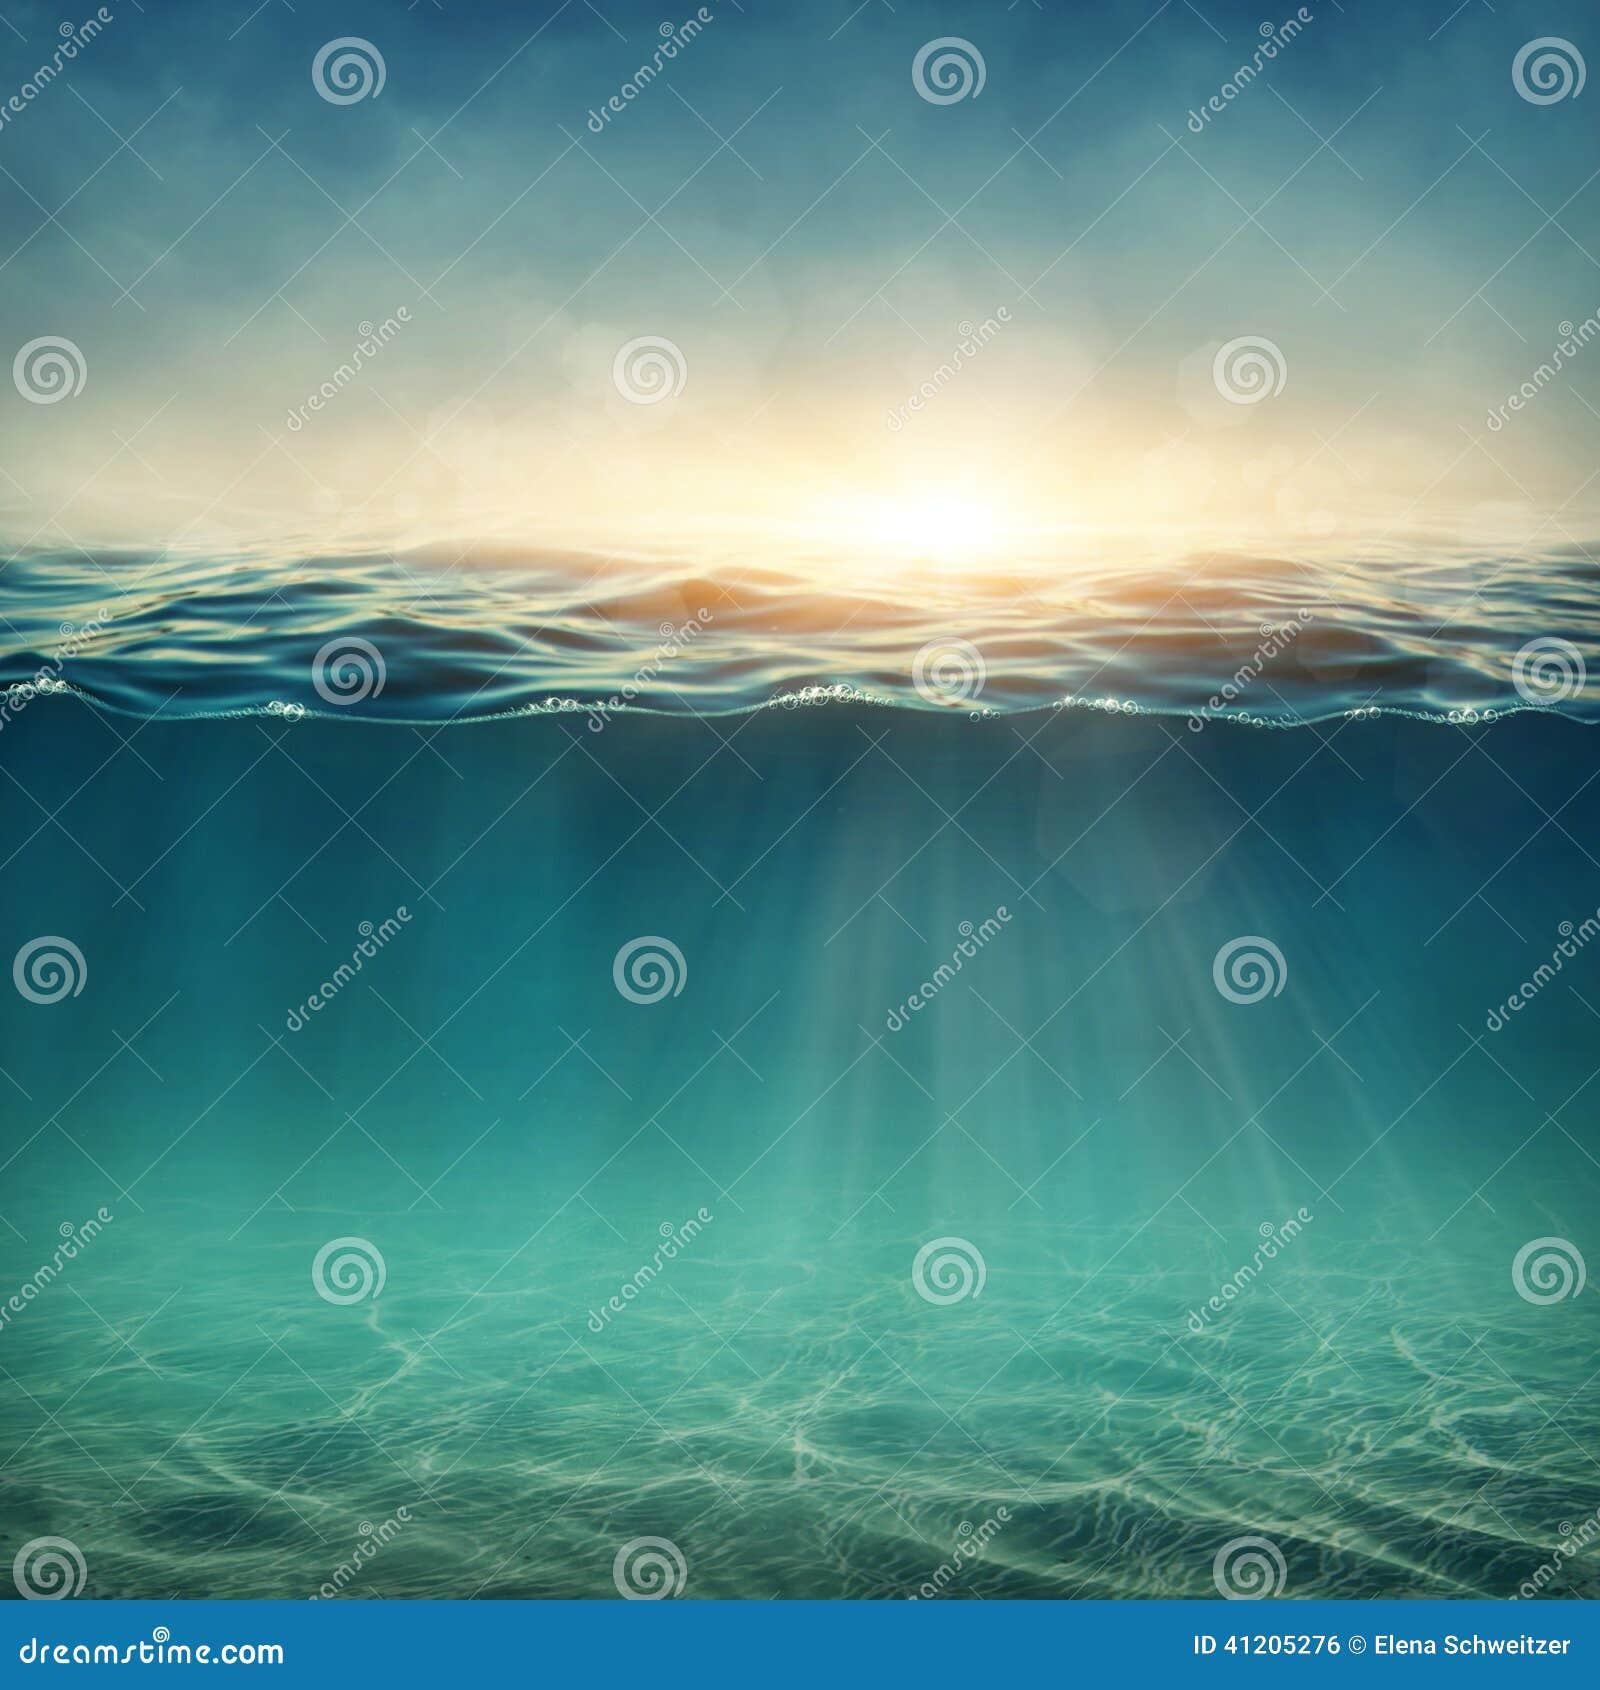 Fondo subacuático abstracto